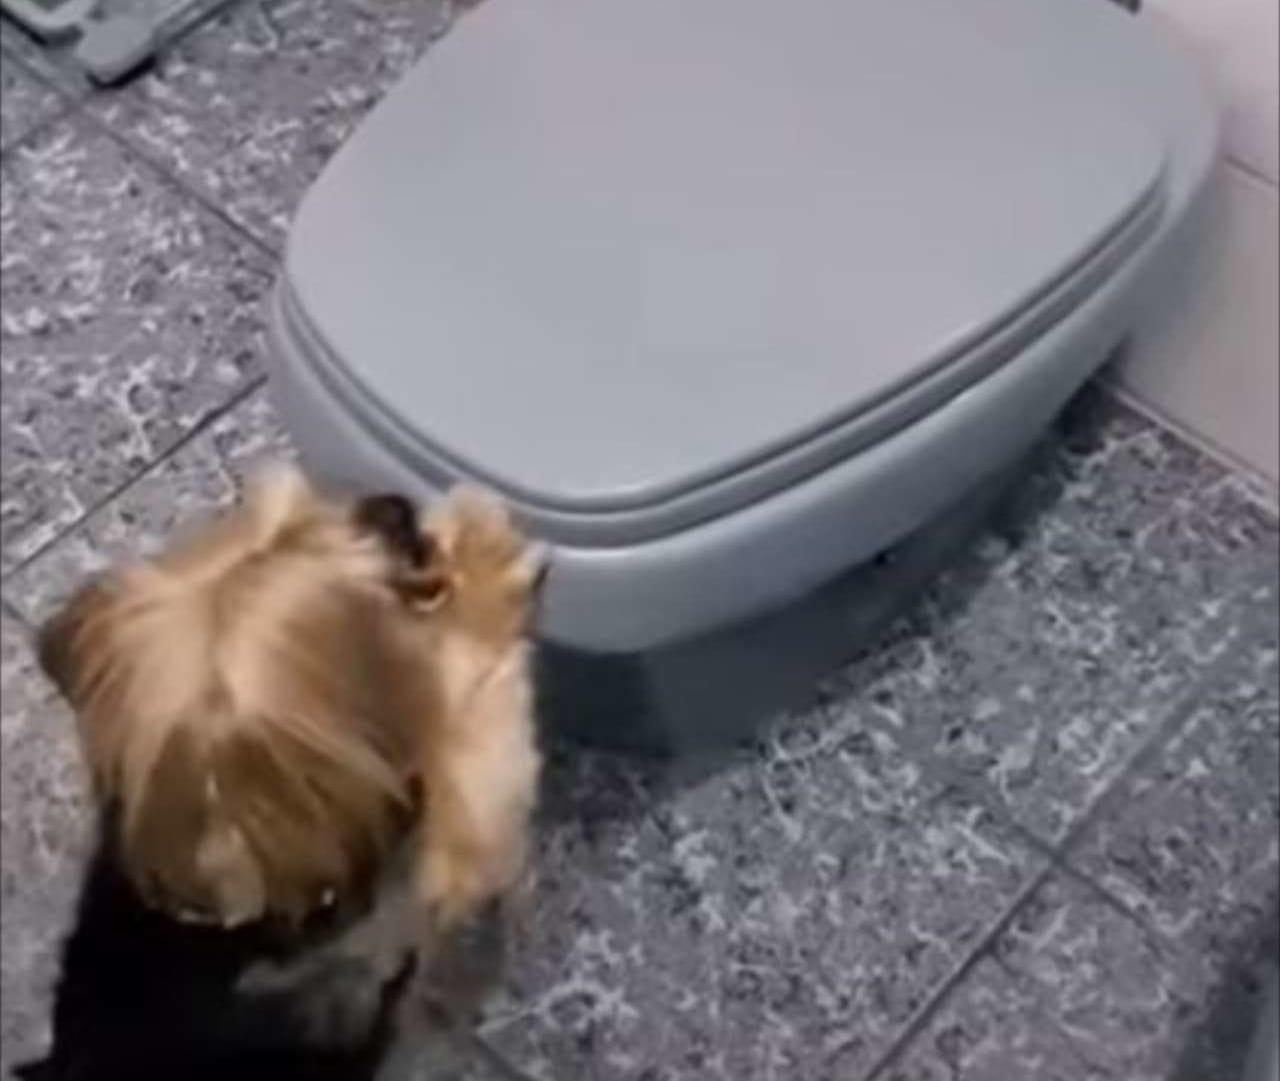 「上手にできました!」人間用のは蓋が開けられないほど大きいけれど、愛犬のためにちょうどいいサイズのおトイレが用意されていました!